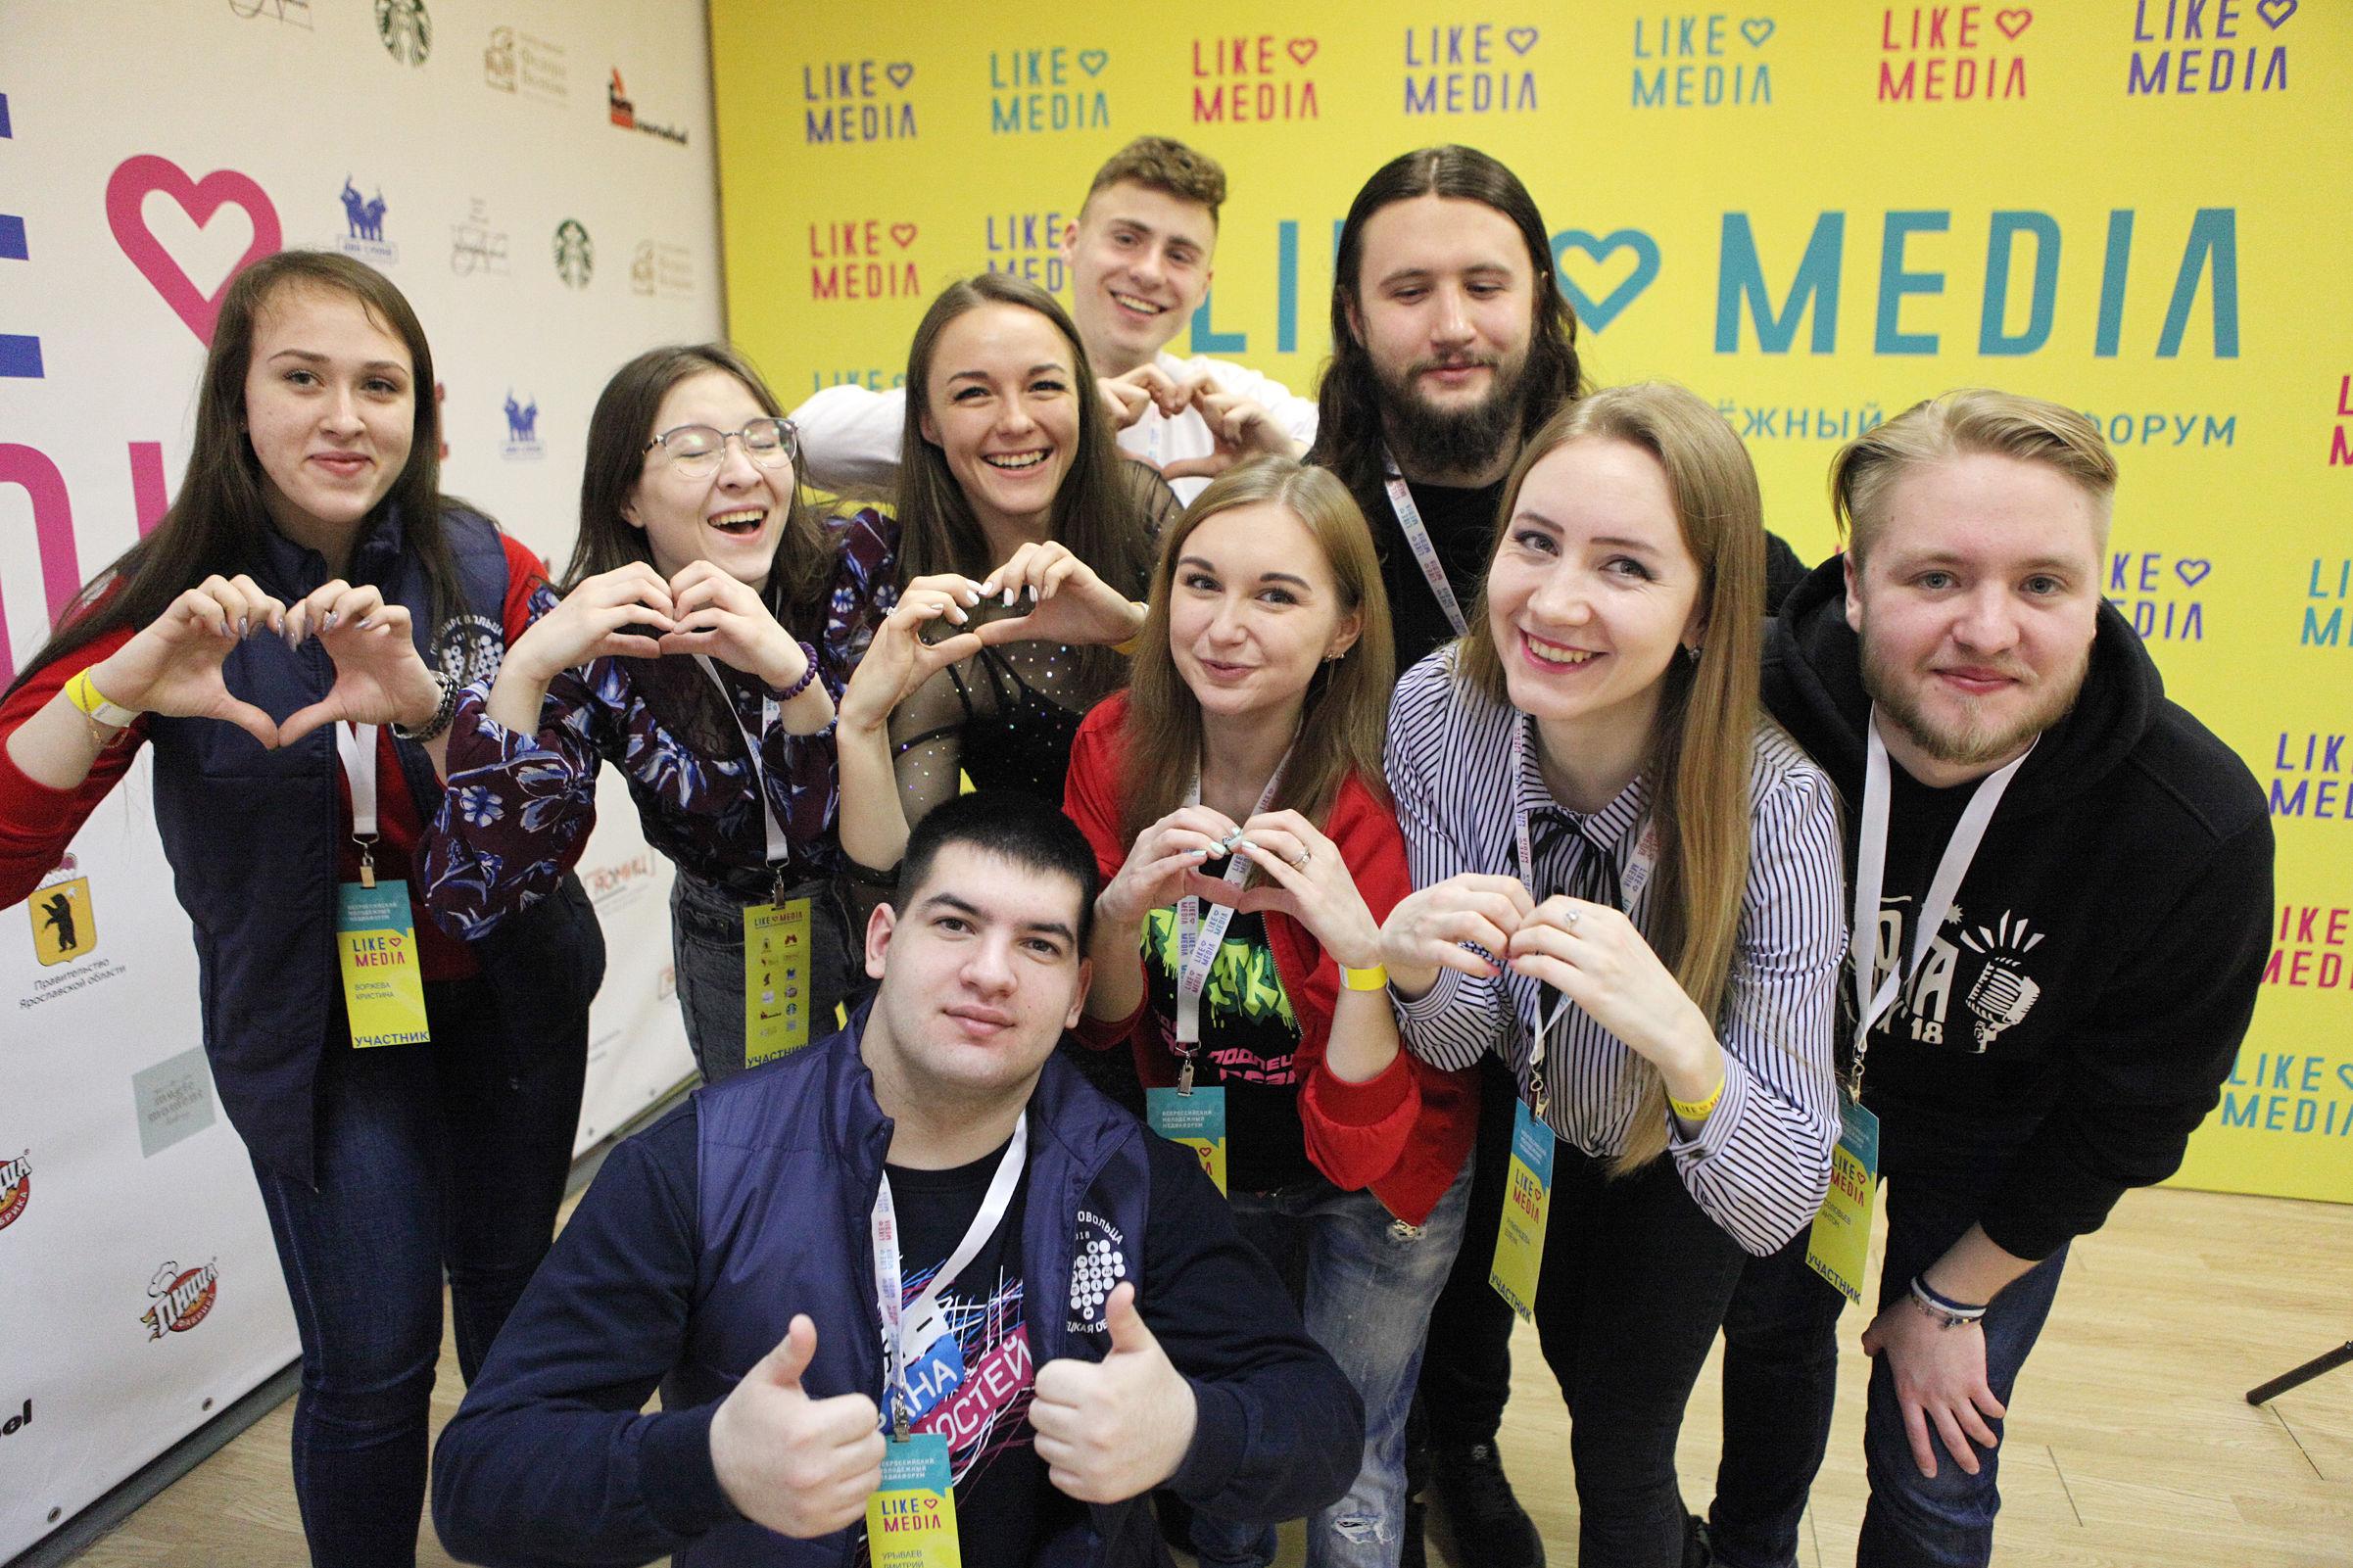 Канделаки рассказала в Ярославле о силе лайка. Как телеведущая видит будущее